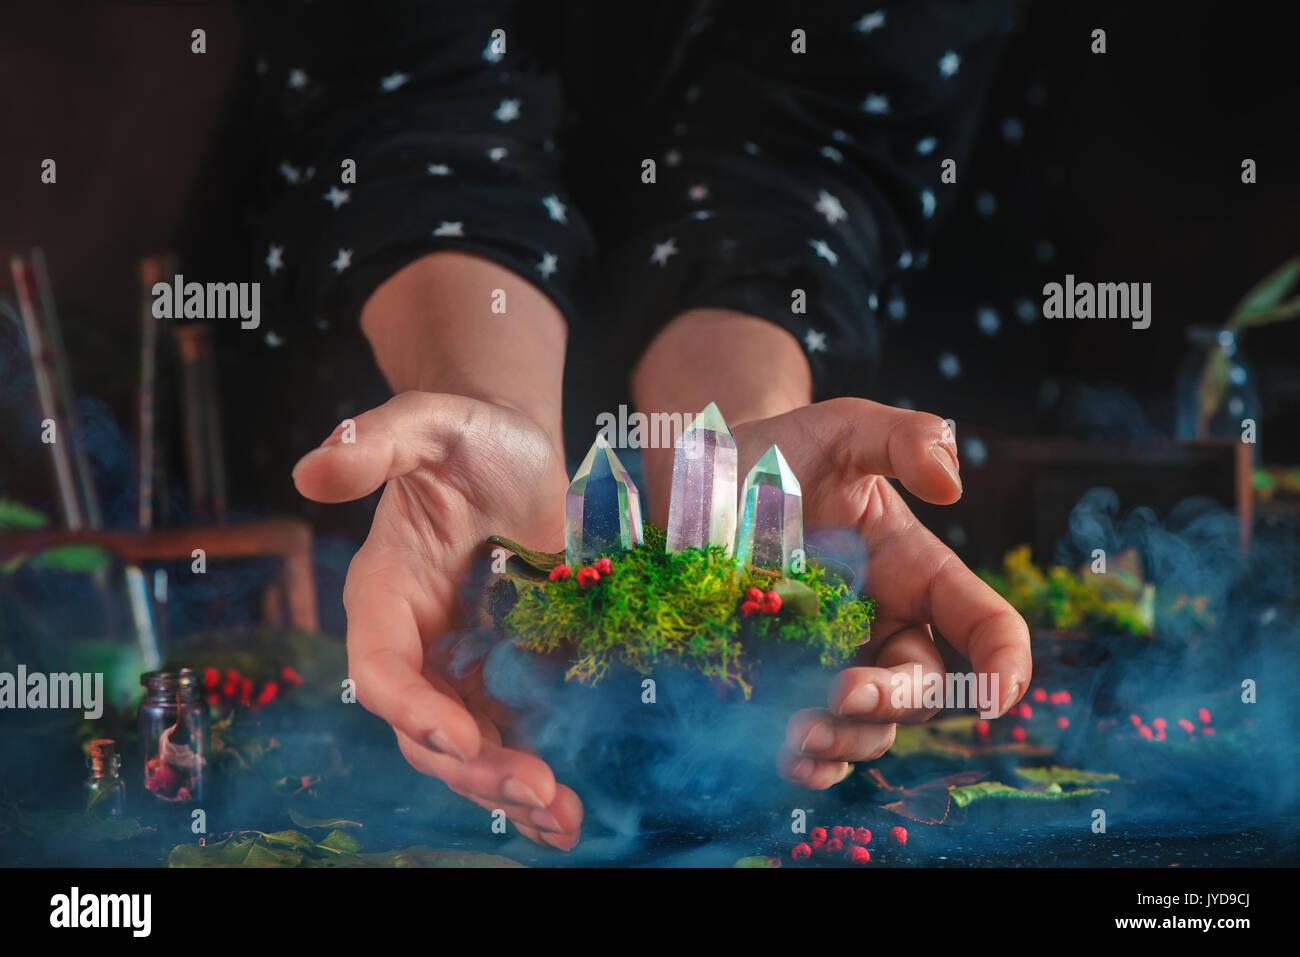 Giovane strega tenendo un tappeto erboso flottante con MOSS e cristalli. mistica scena con fumo e forniture magico. stella manicotti di strega vestiti. Immagini Stock